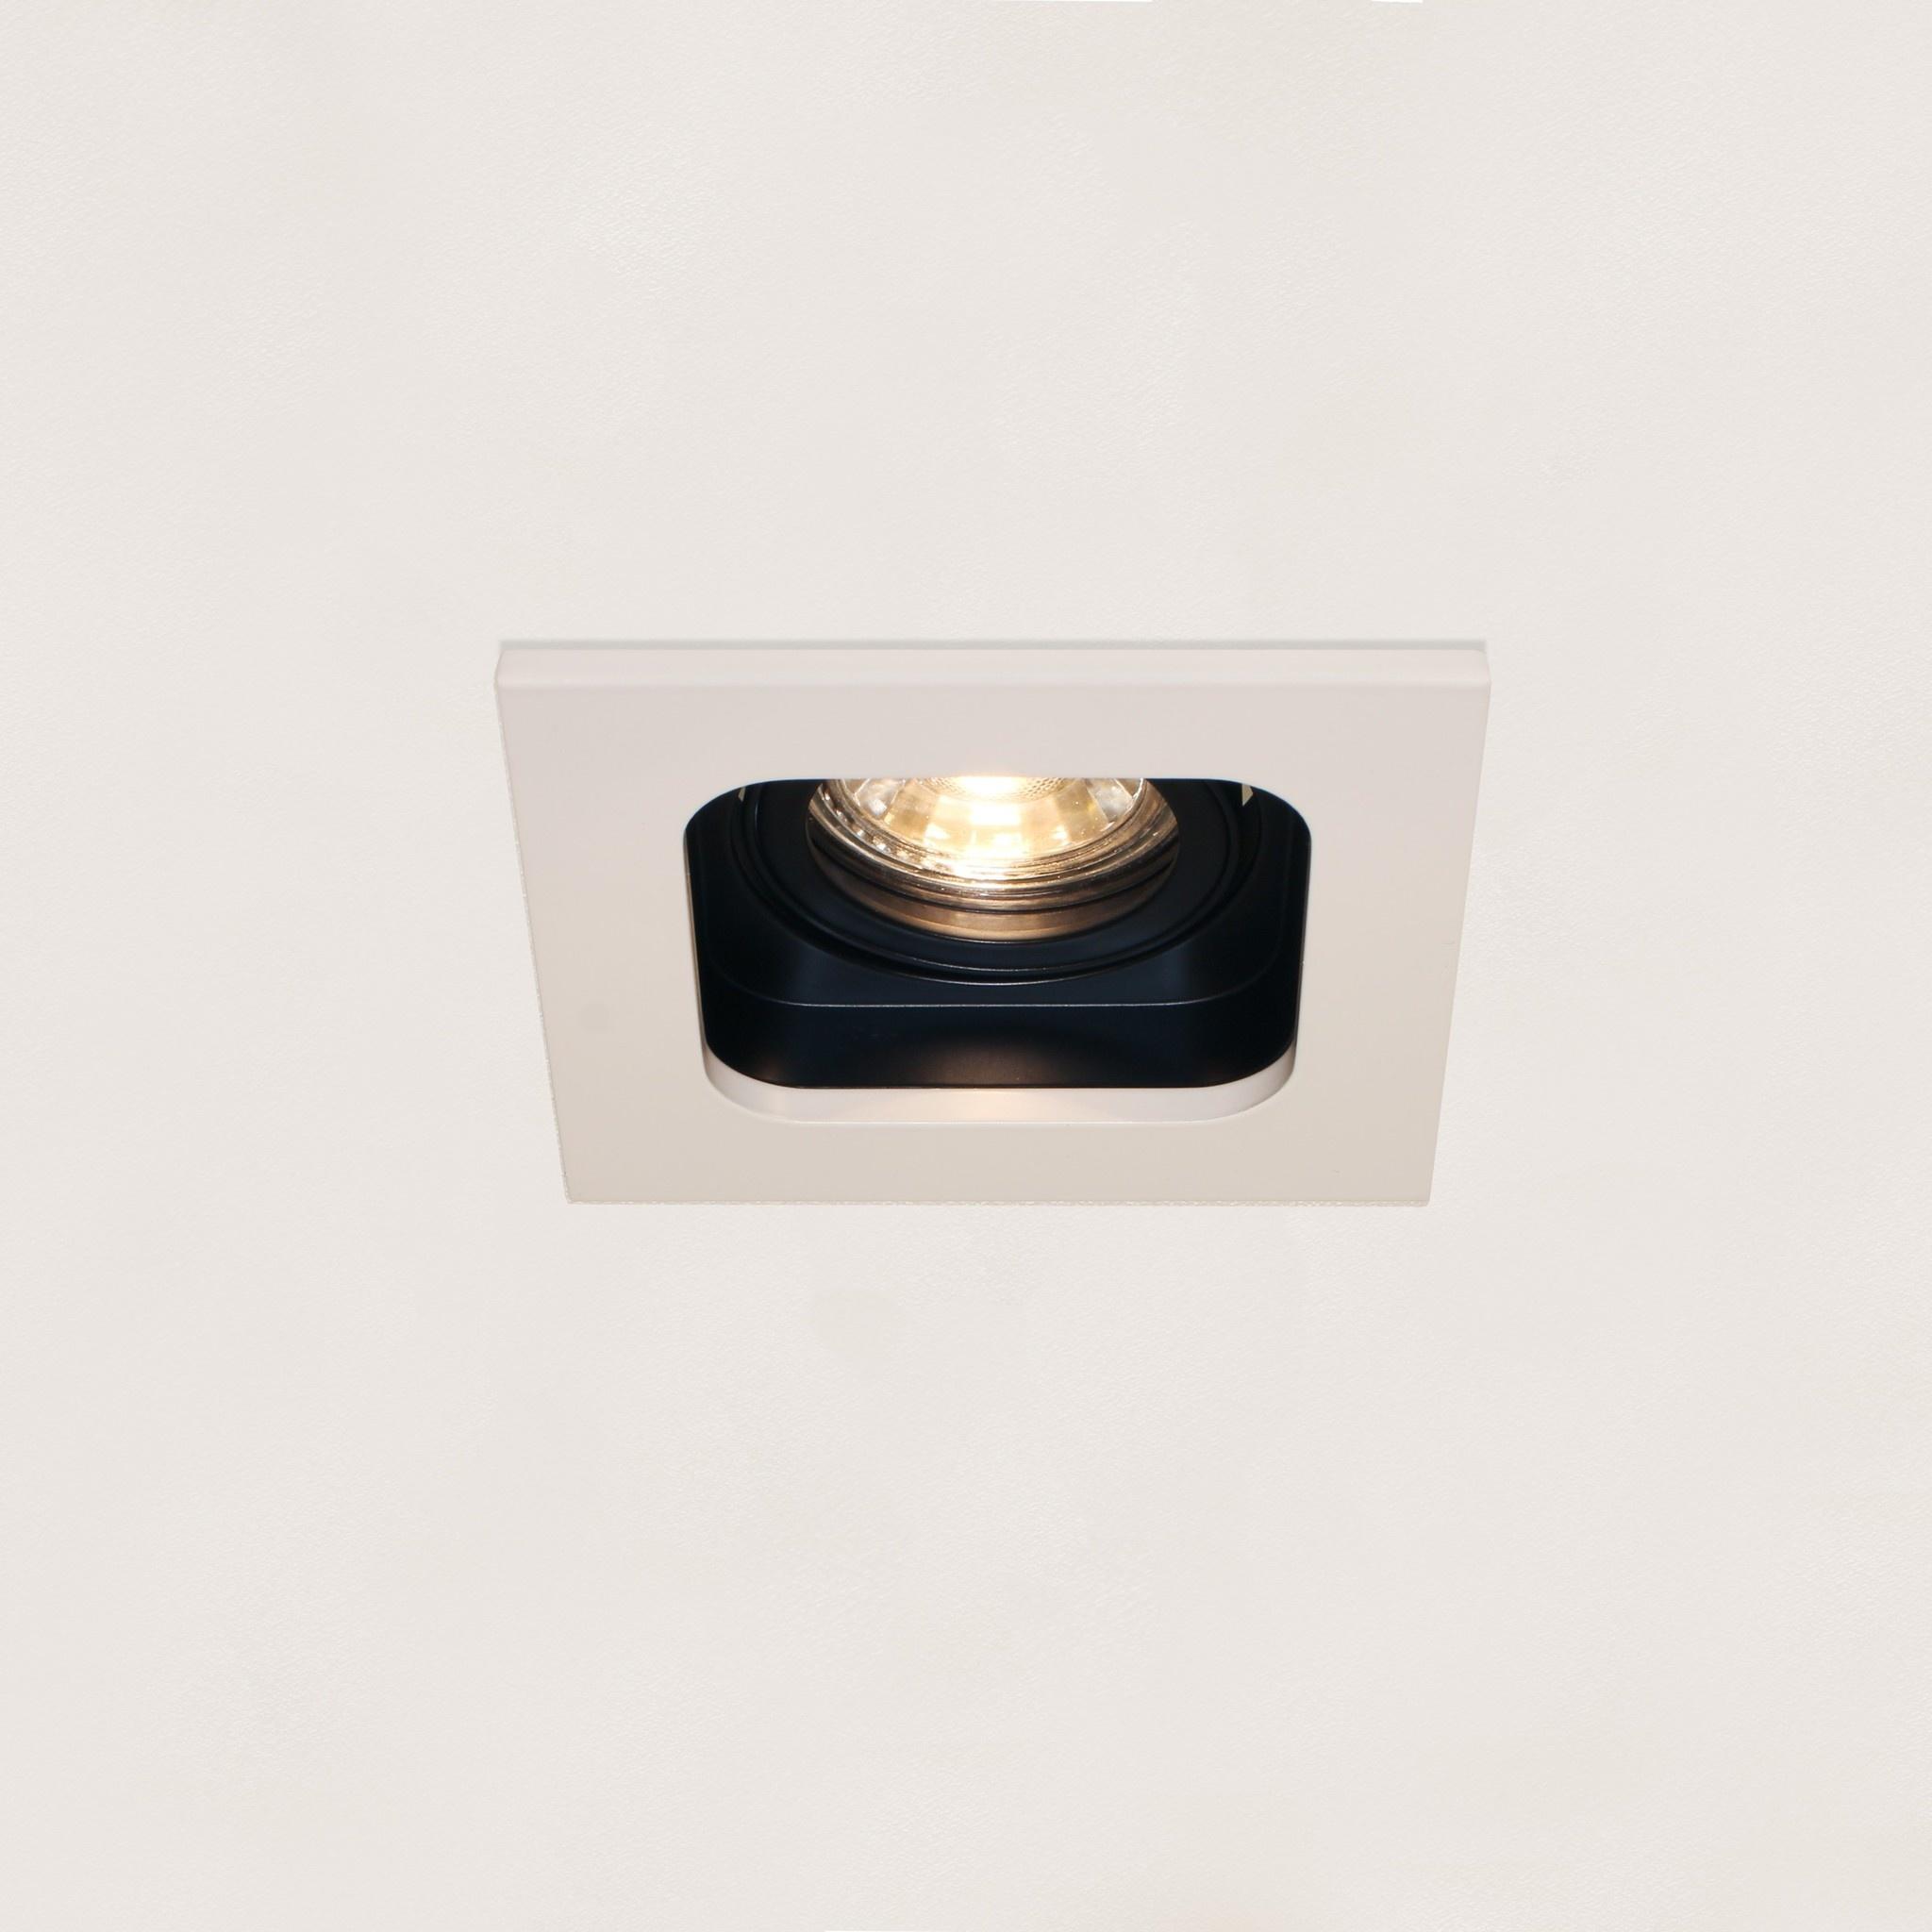 Artdelight Inbouwspot Moggio 1 lichts GU10 wit zwart